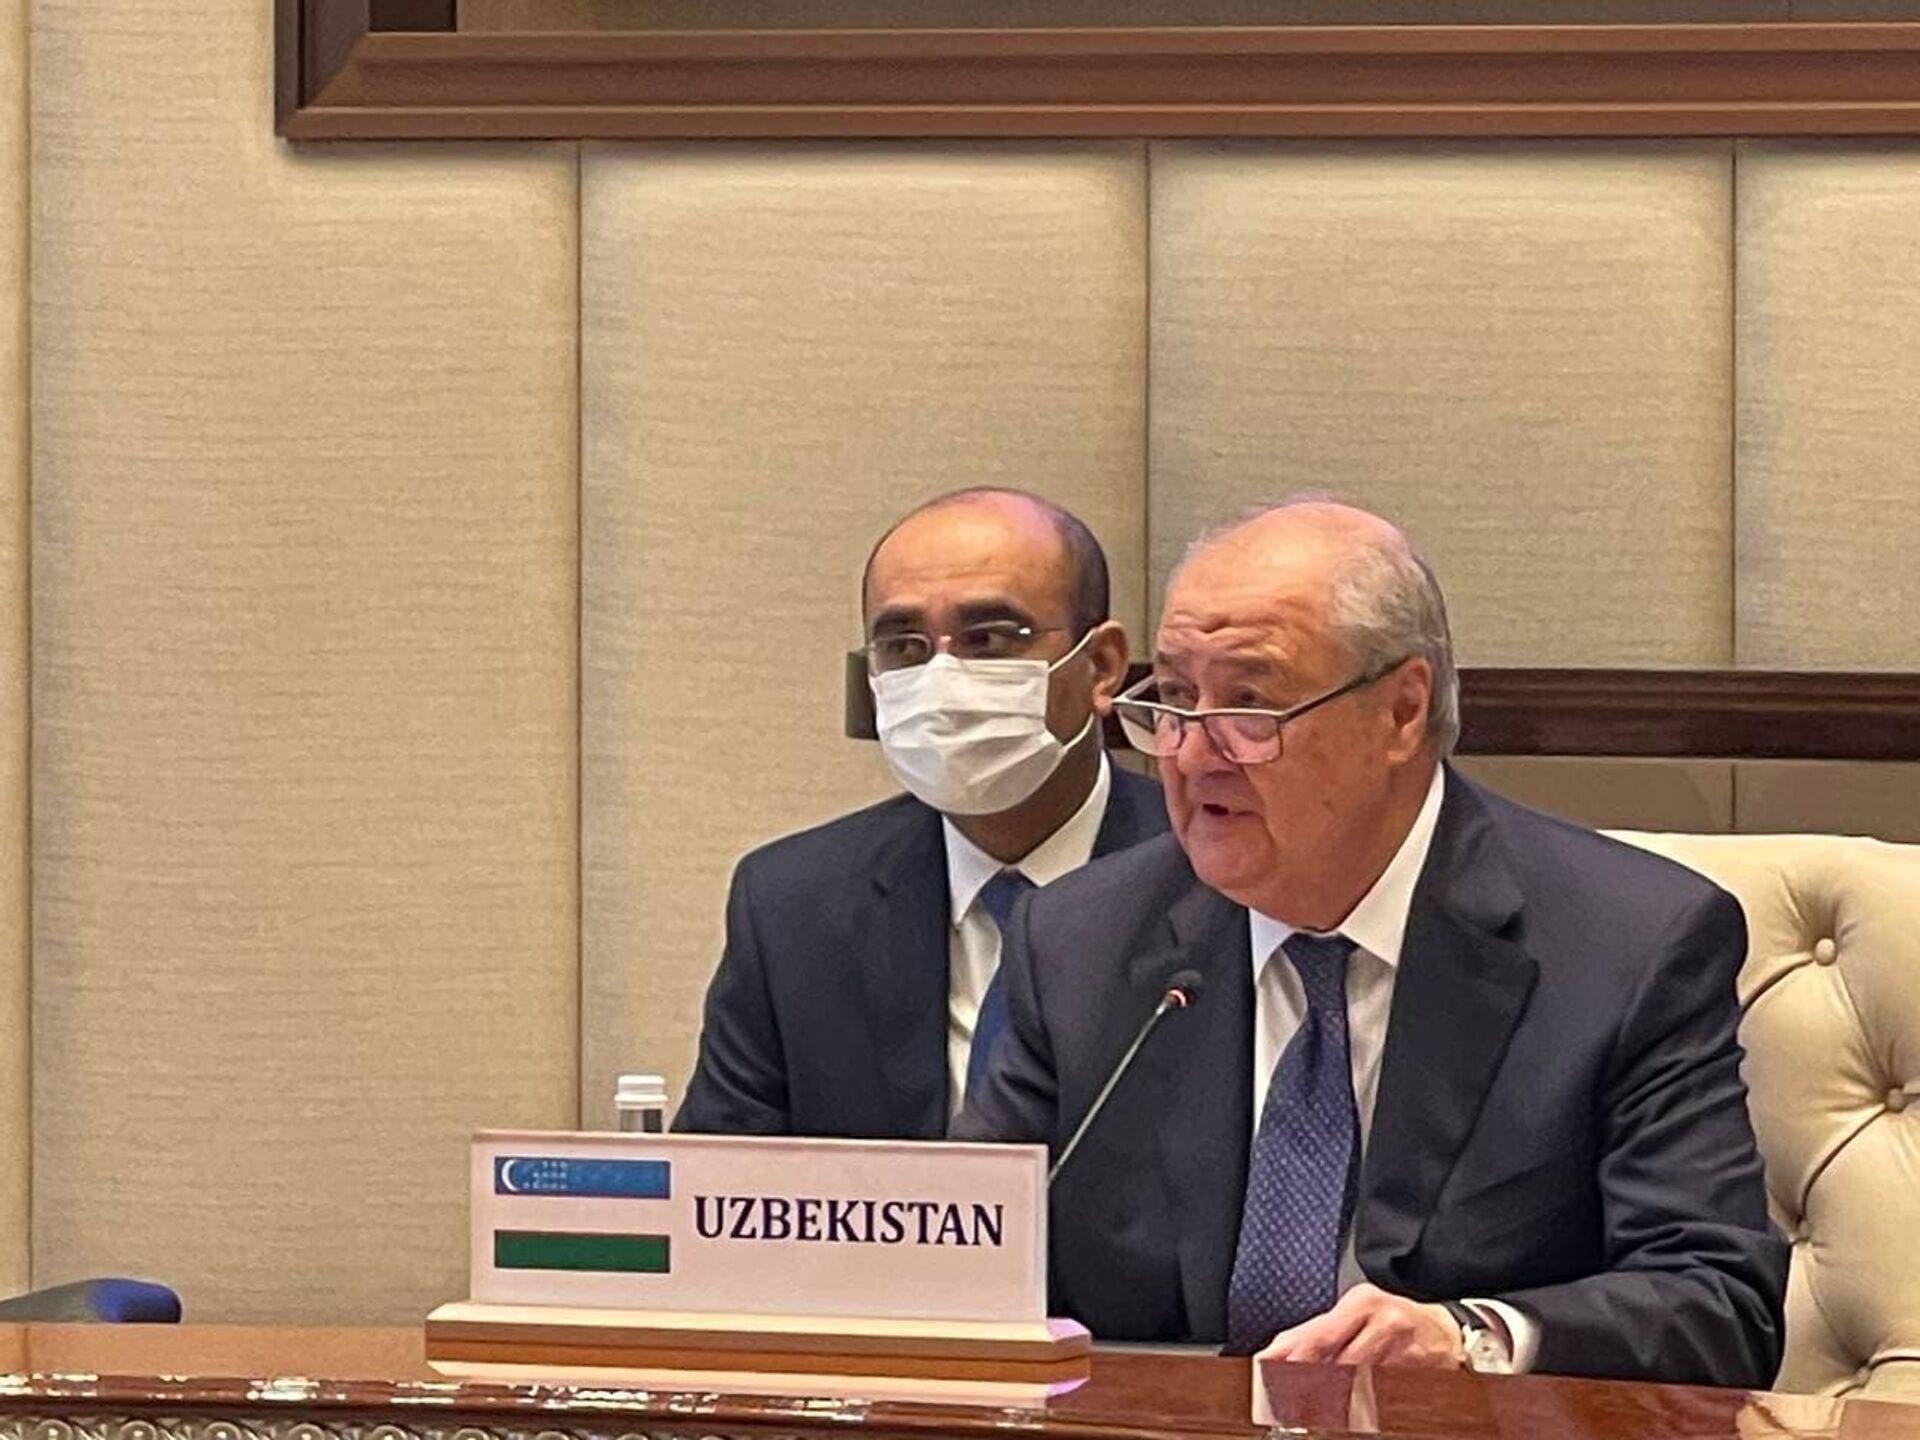 Встреча в формате С5+1 в Ташкенте 15 июля 2021 года - Sputnik Узбекистан, 1920, 15.07.2021